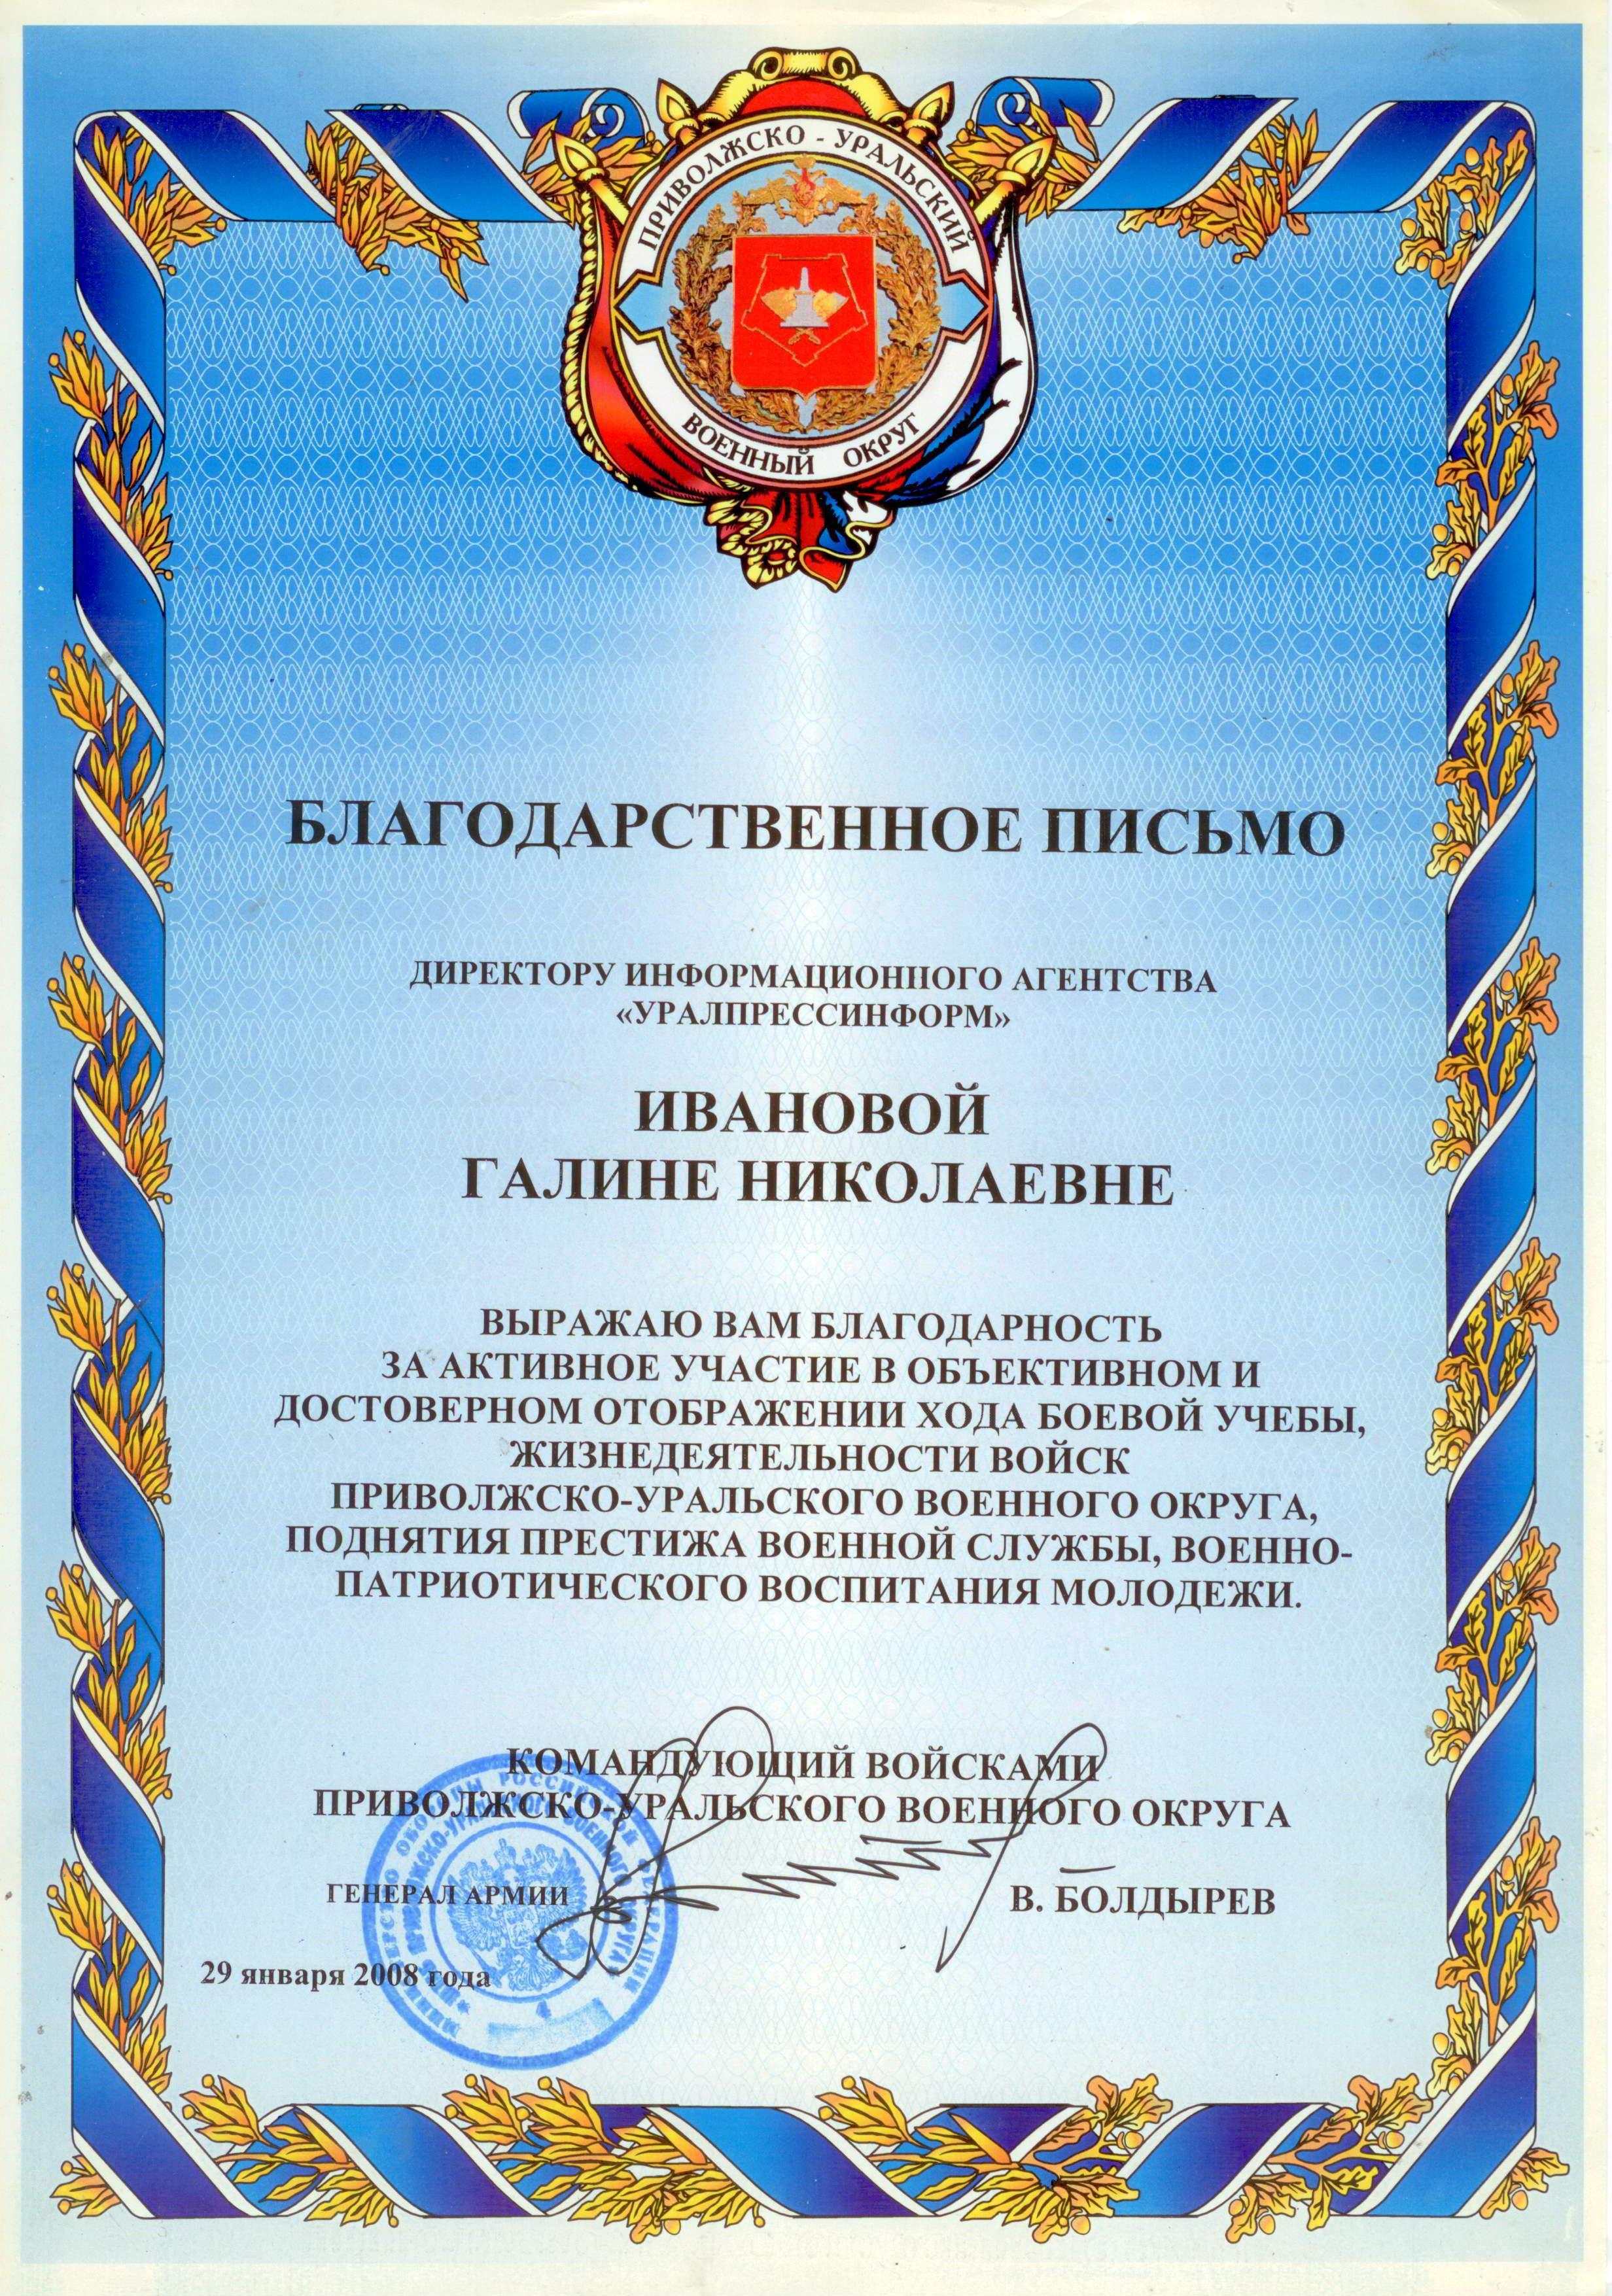 2008   Приволжско-Уральский военный округ